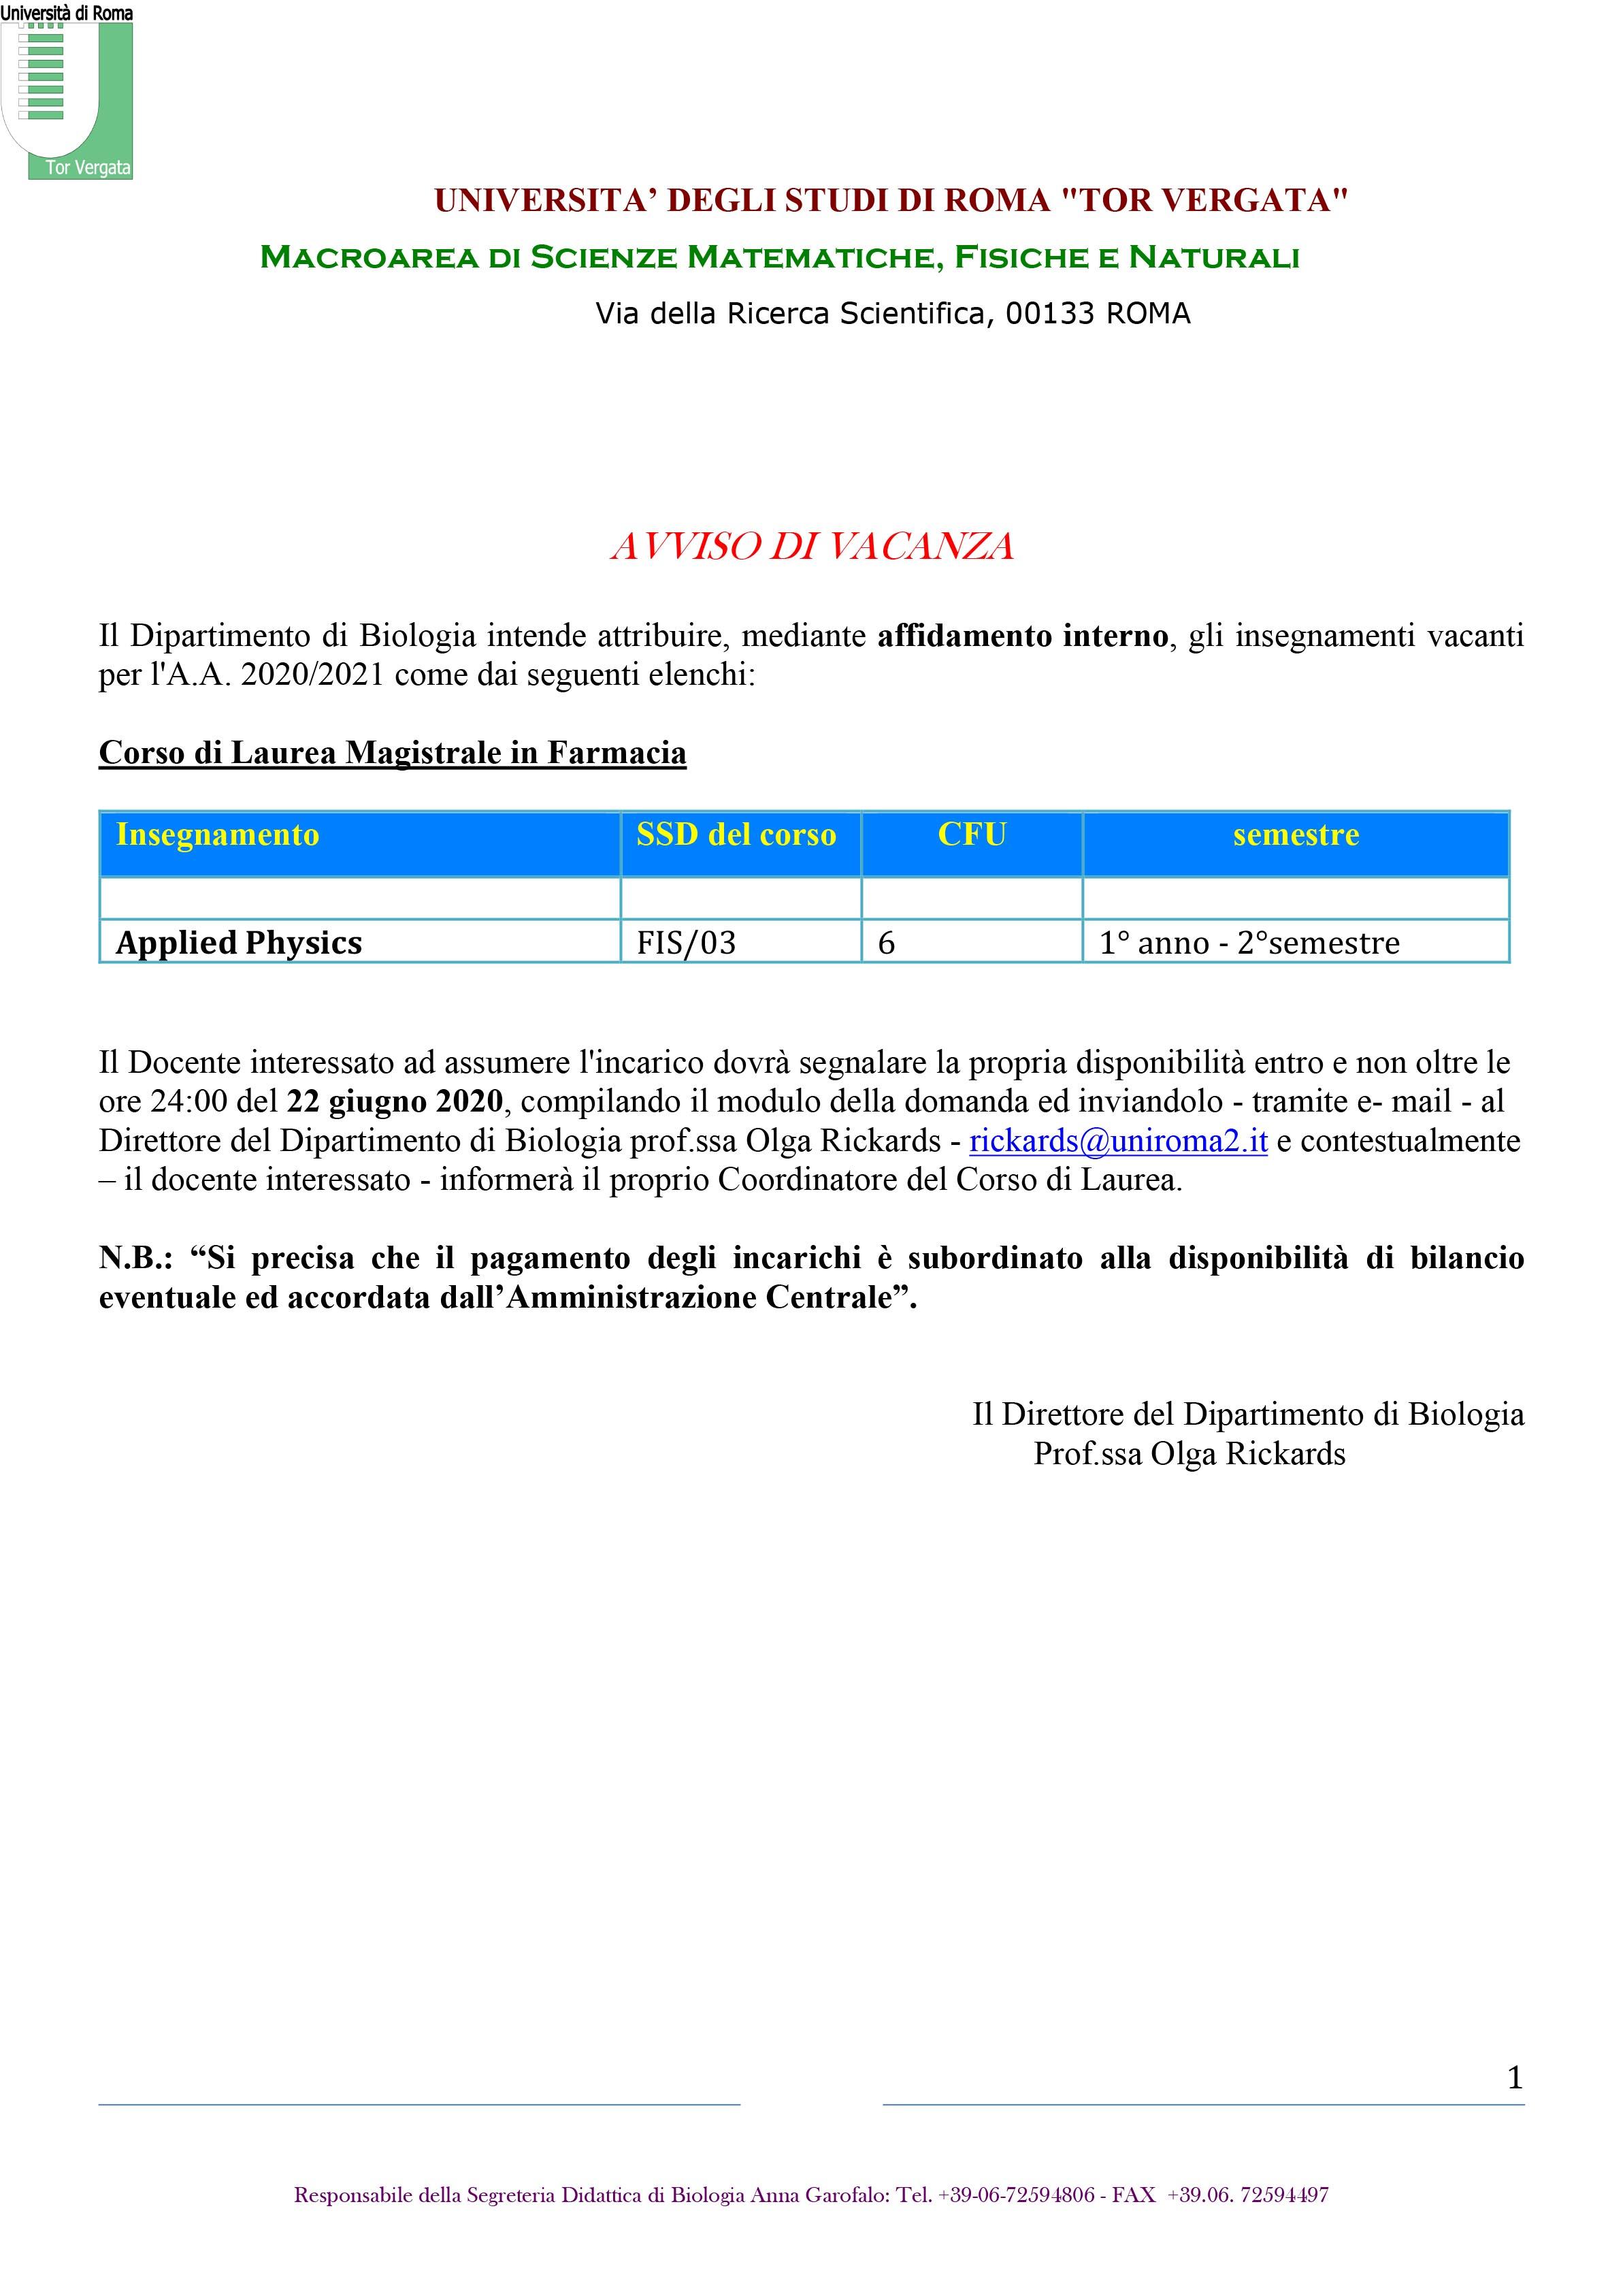 Microsoft Word - avviso di vacanza  2020-21 farmacia.docx